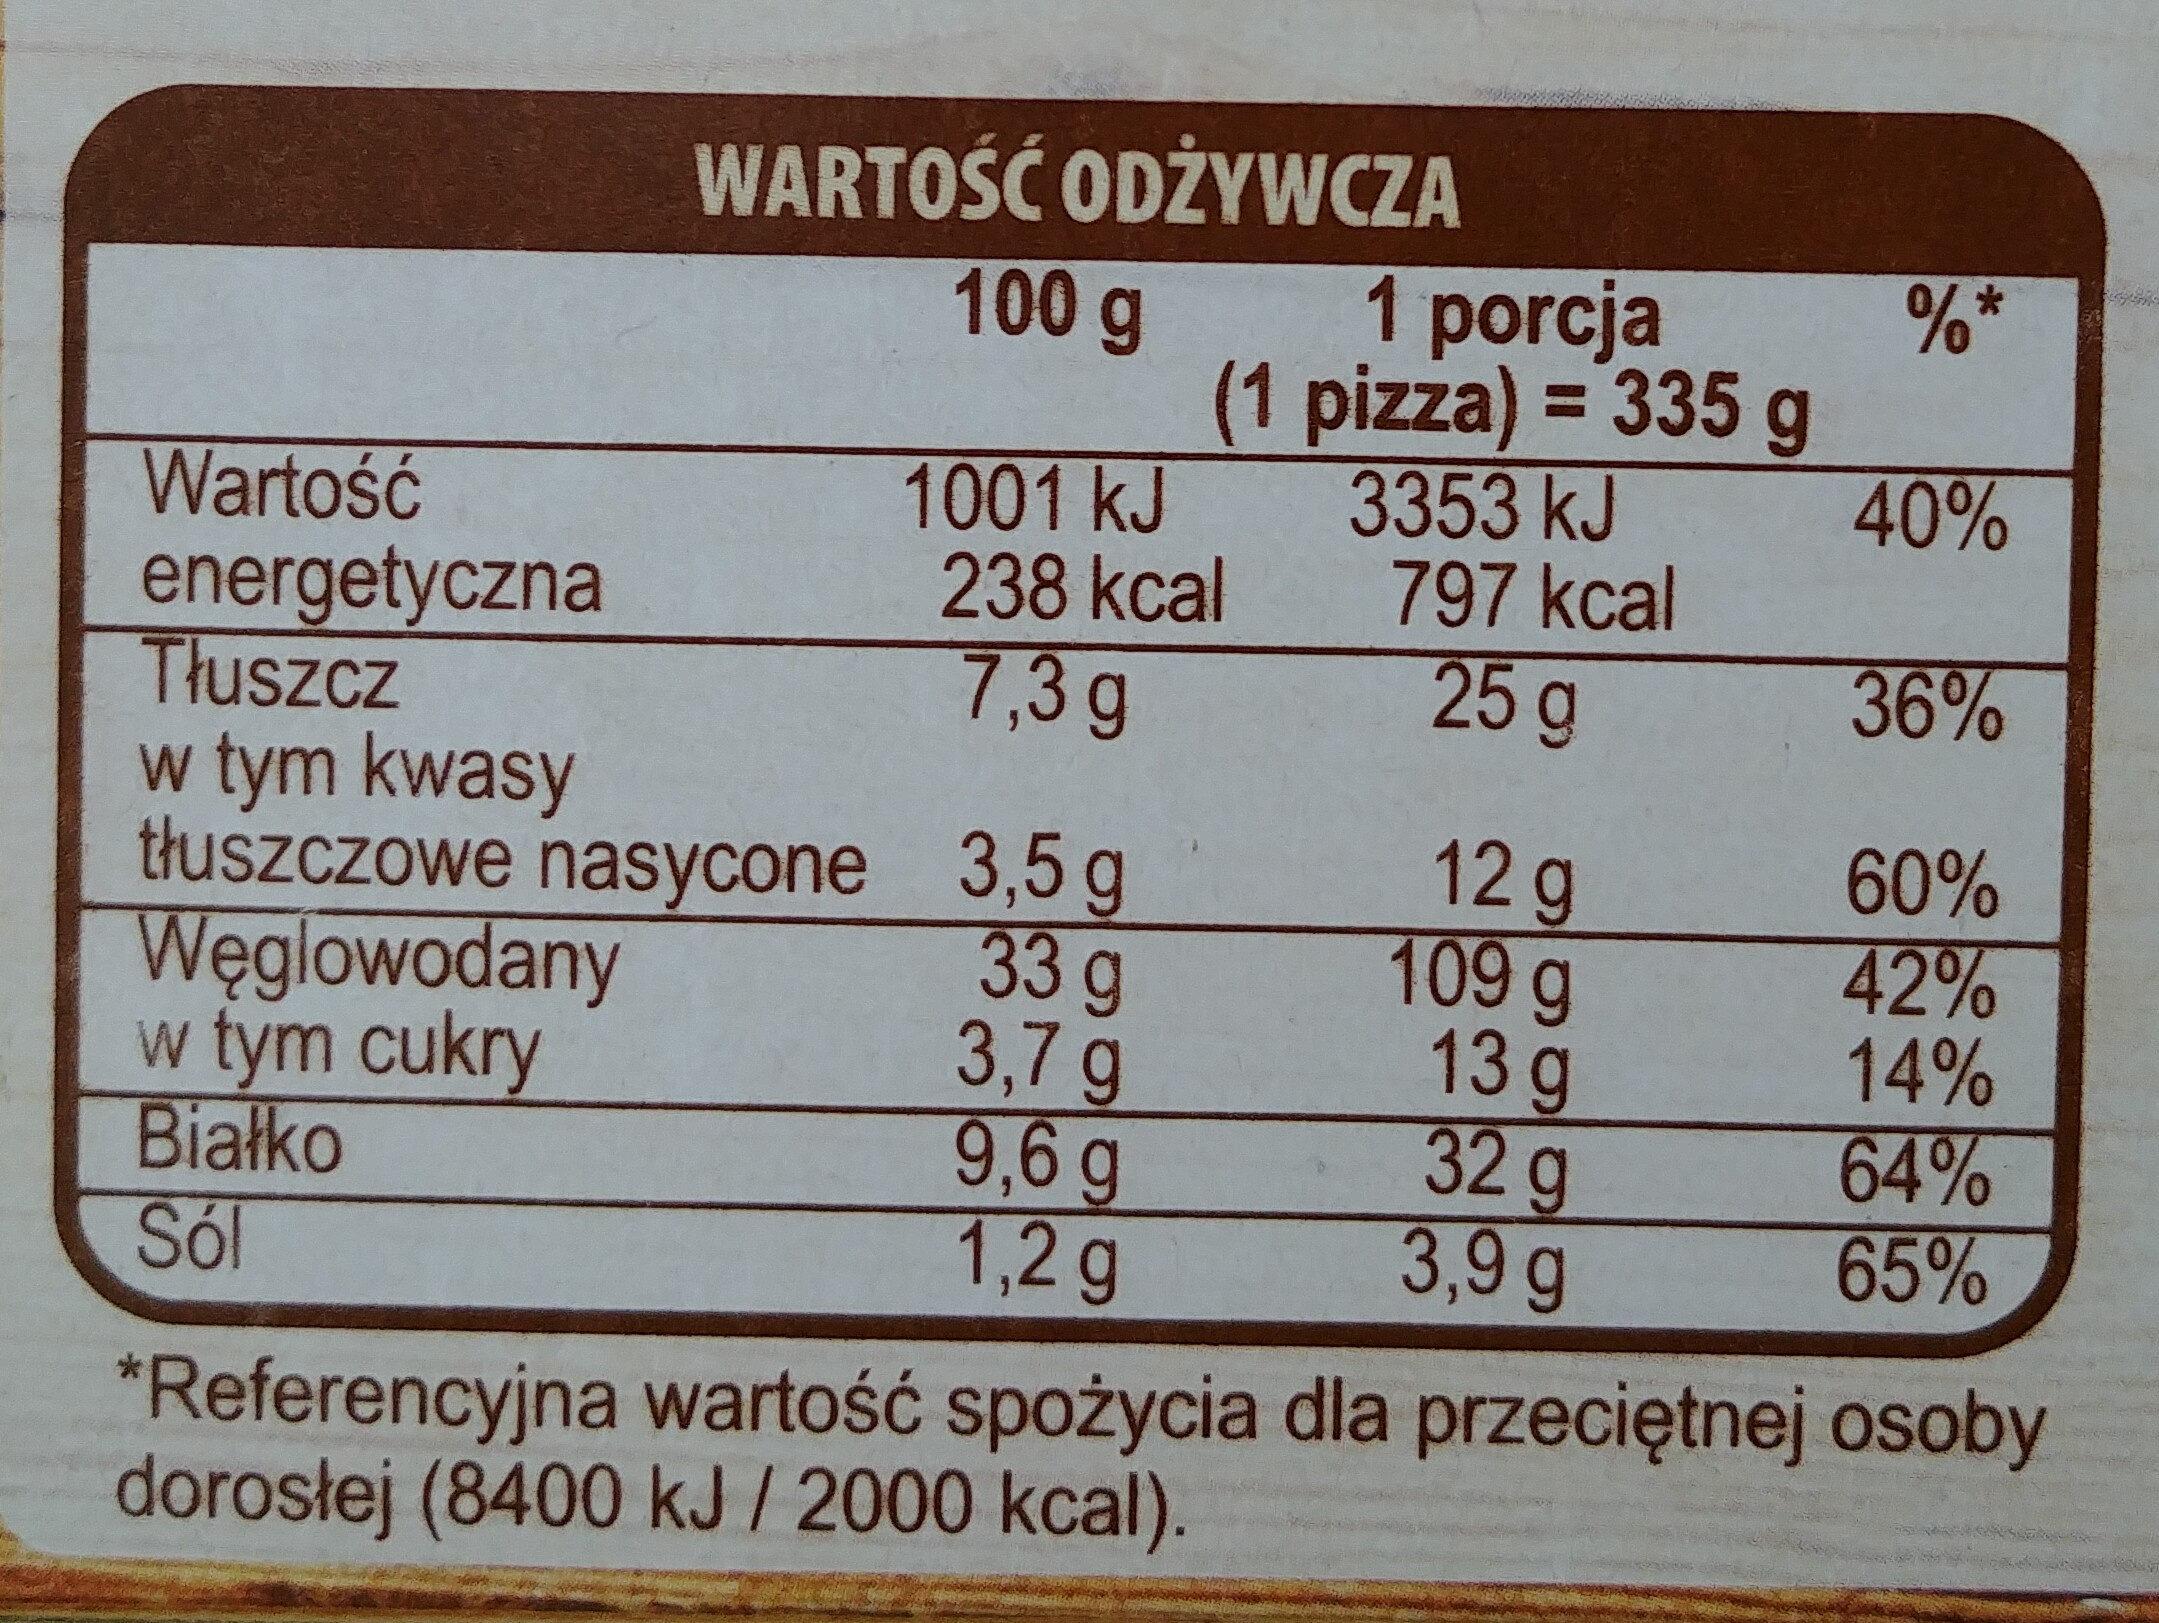 Pizza z szynką, pieczarkami i salami, głęboko mrożona. - Nutrition facts